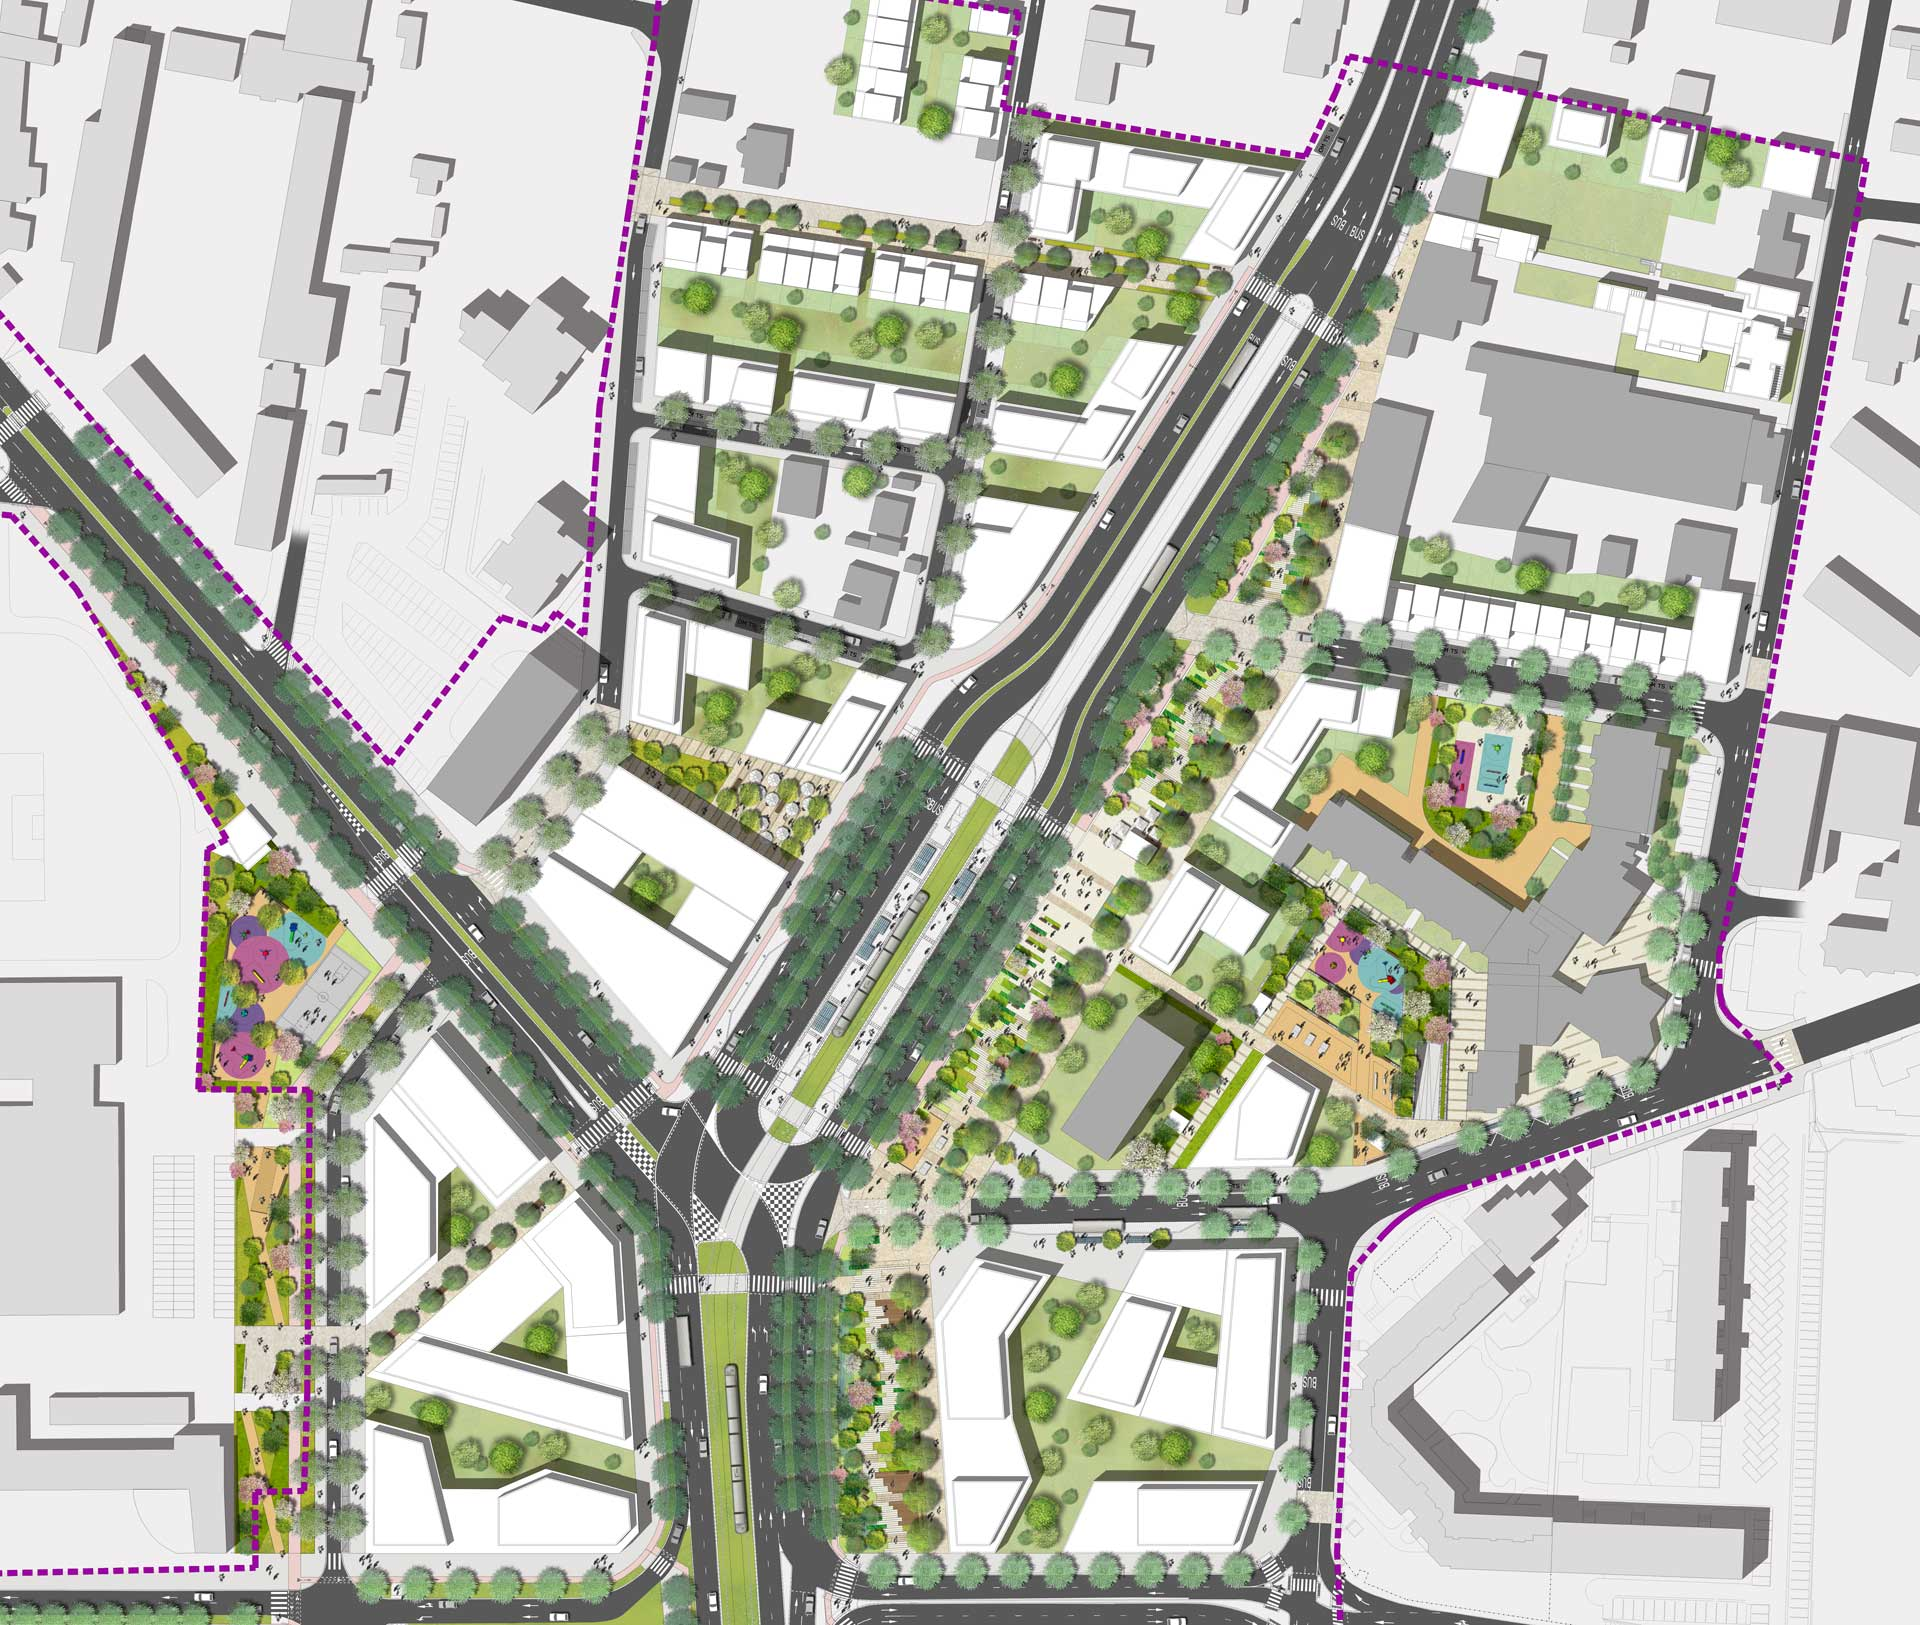 Aaupc patrick chavannes zac des bords de seine for Agence architecture urbanisme